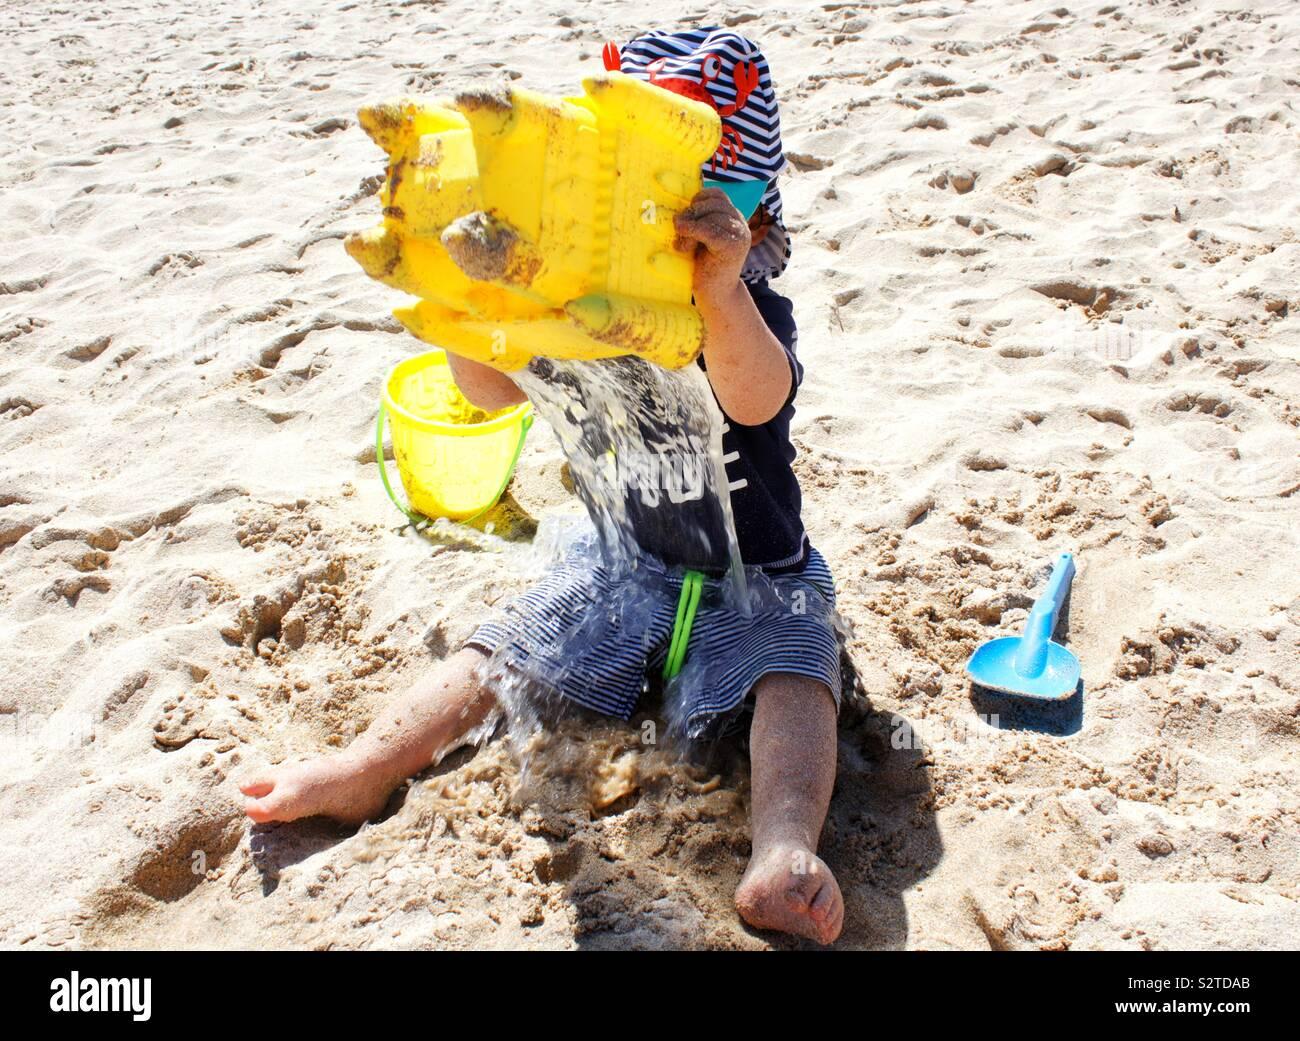 Il Toddler versando un secchio di acqua su se stesso Foto Stock